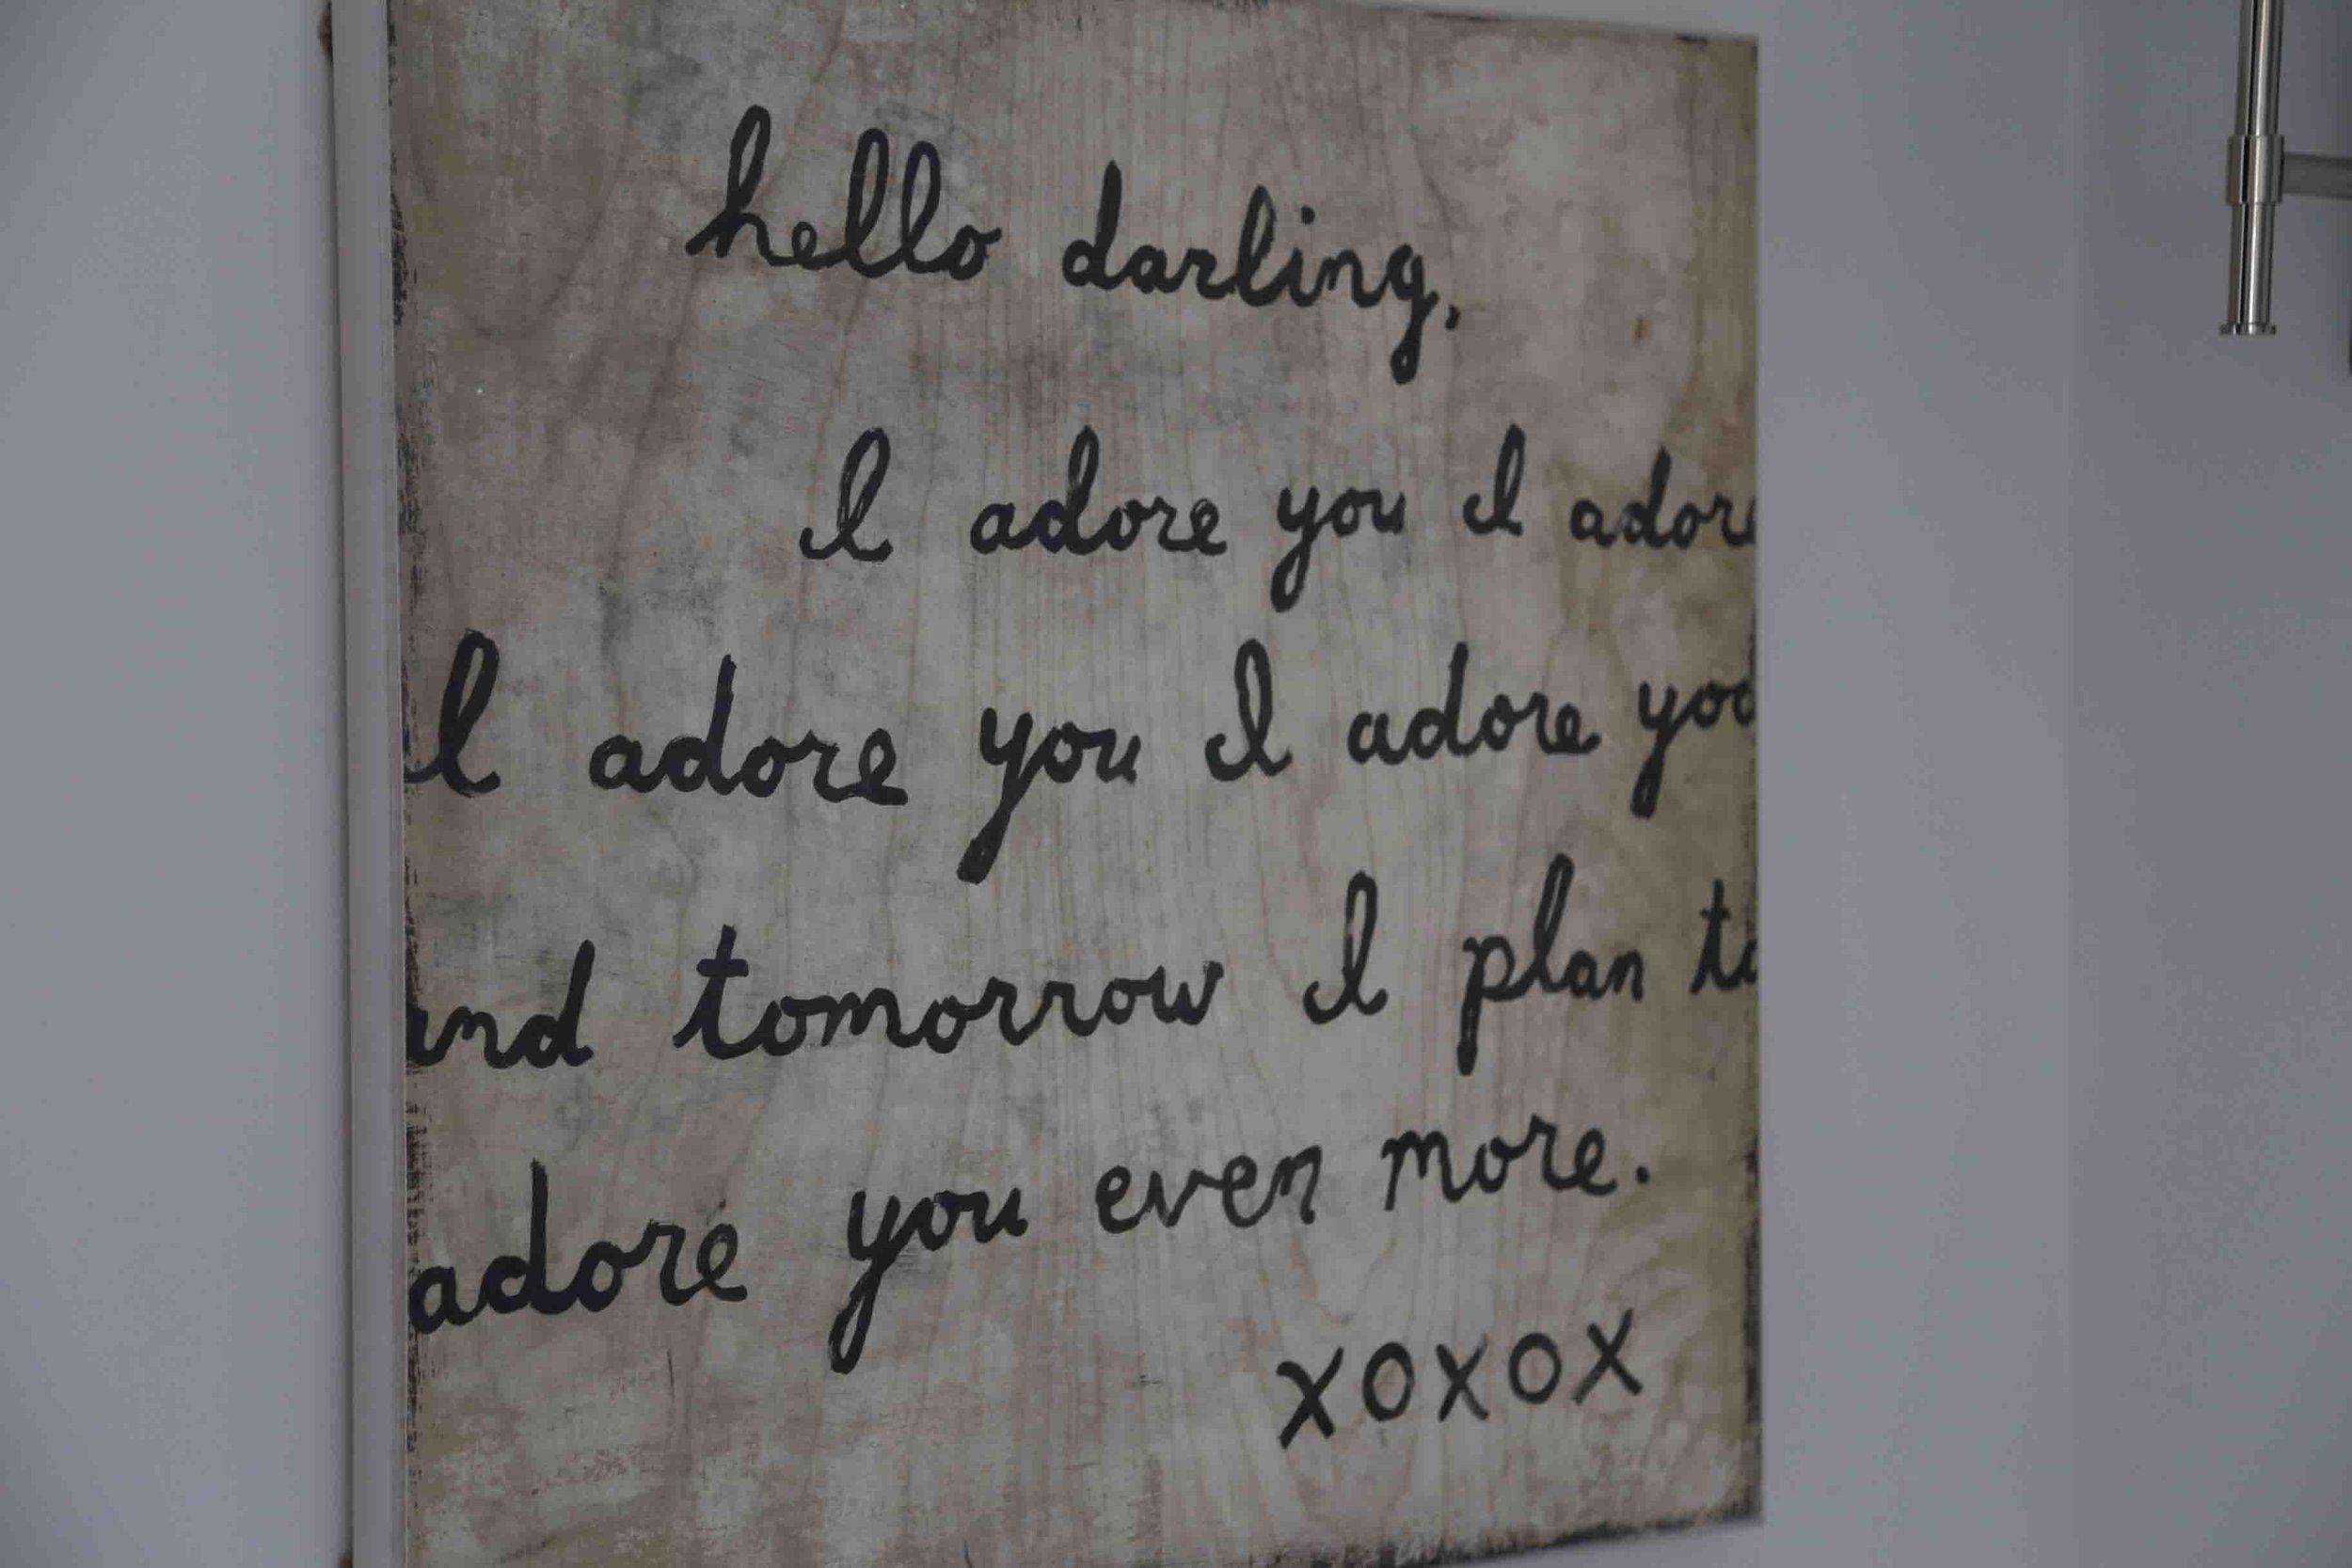 44_I adore you.jpg